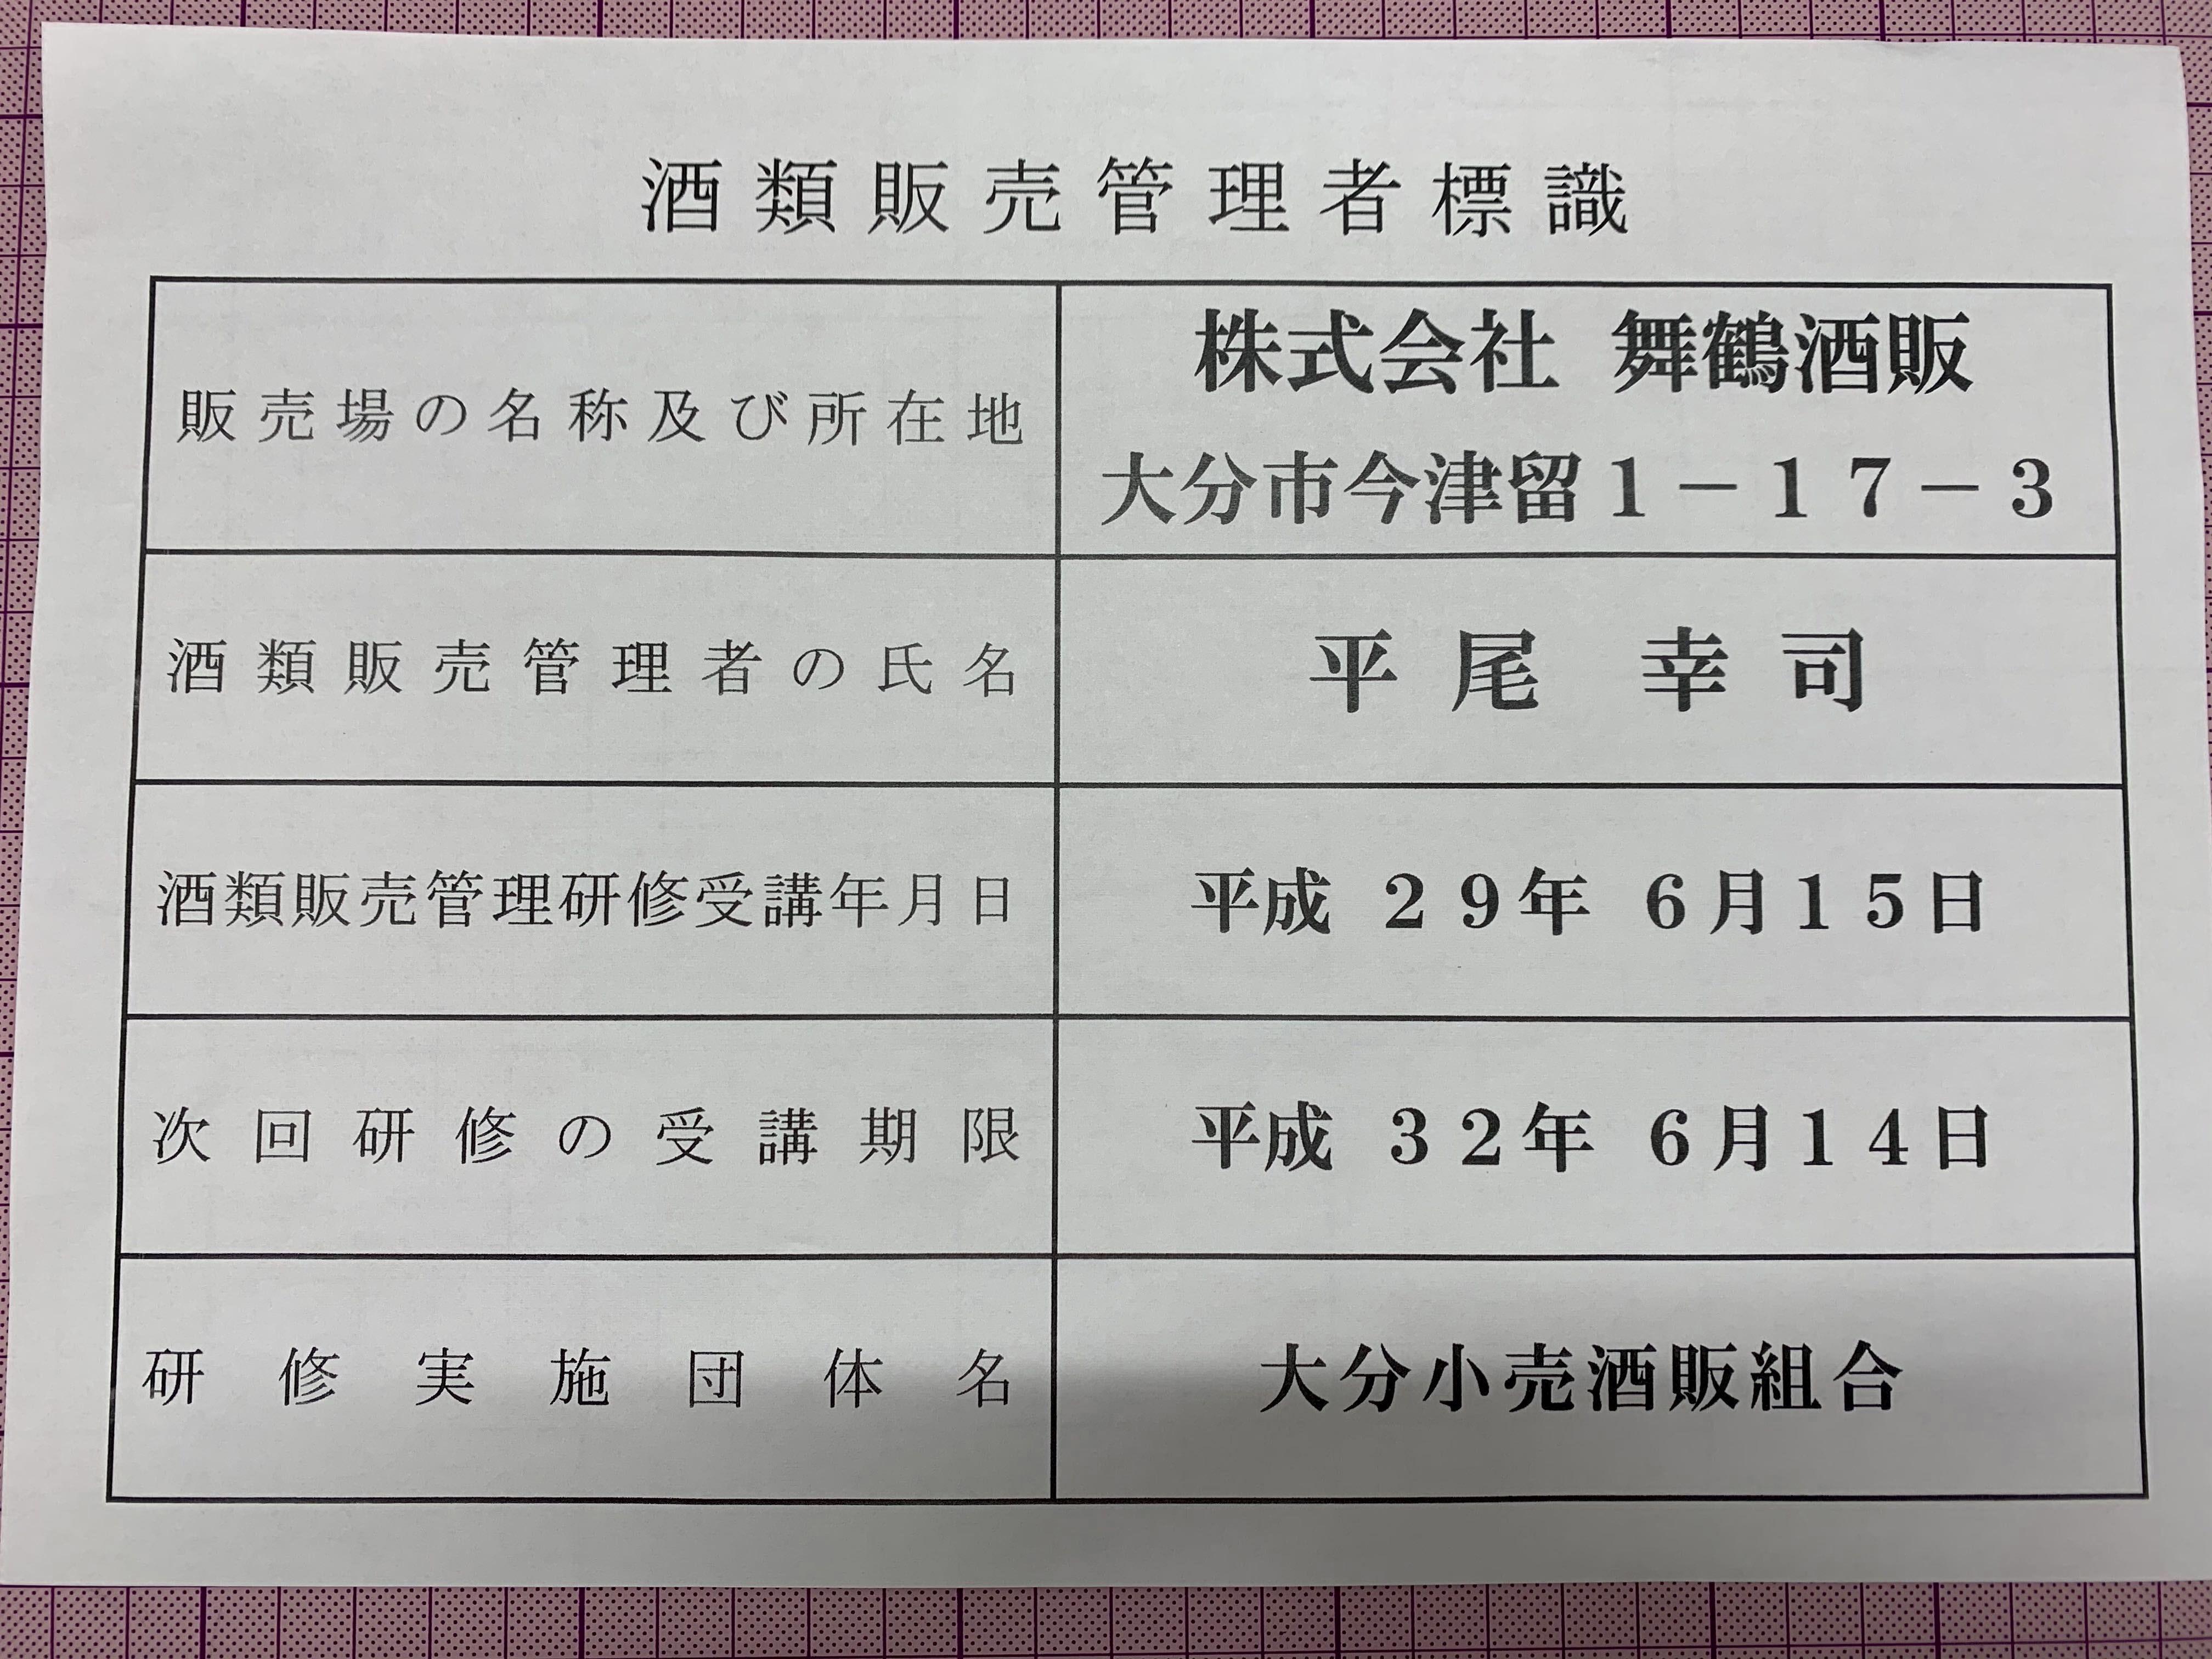 20200718110337436 酒類販売管理者標識(舞鶴酒販様)